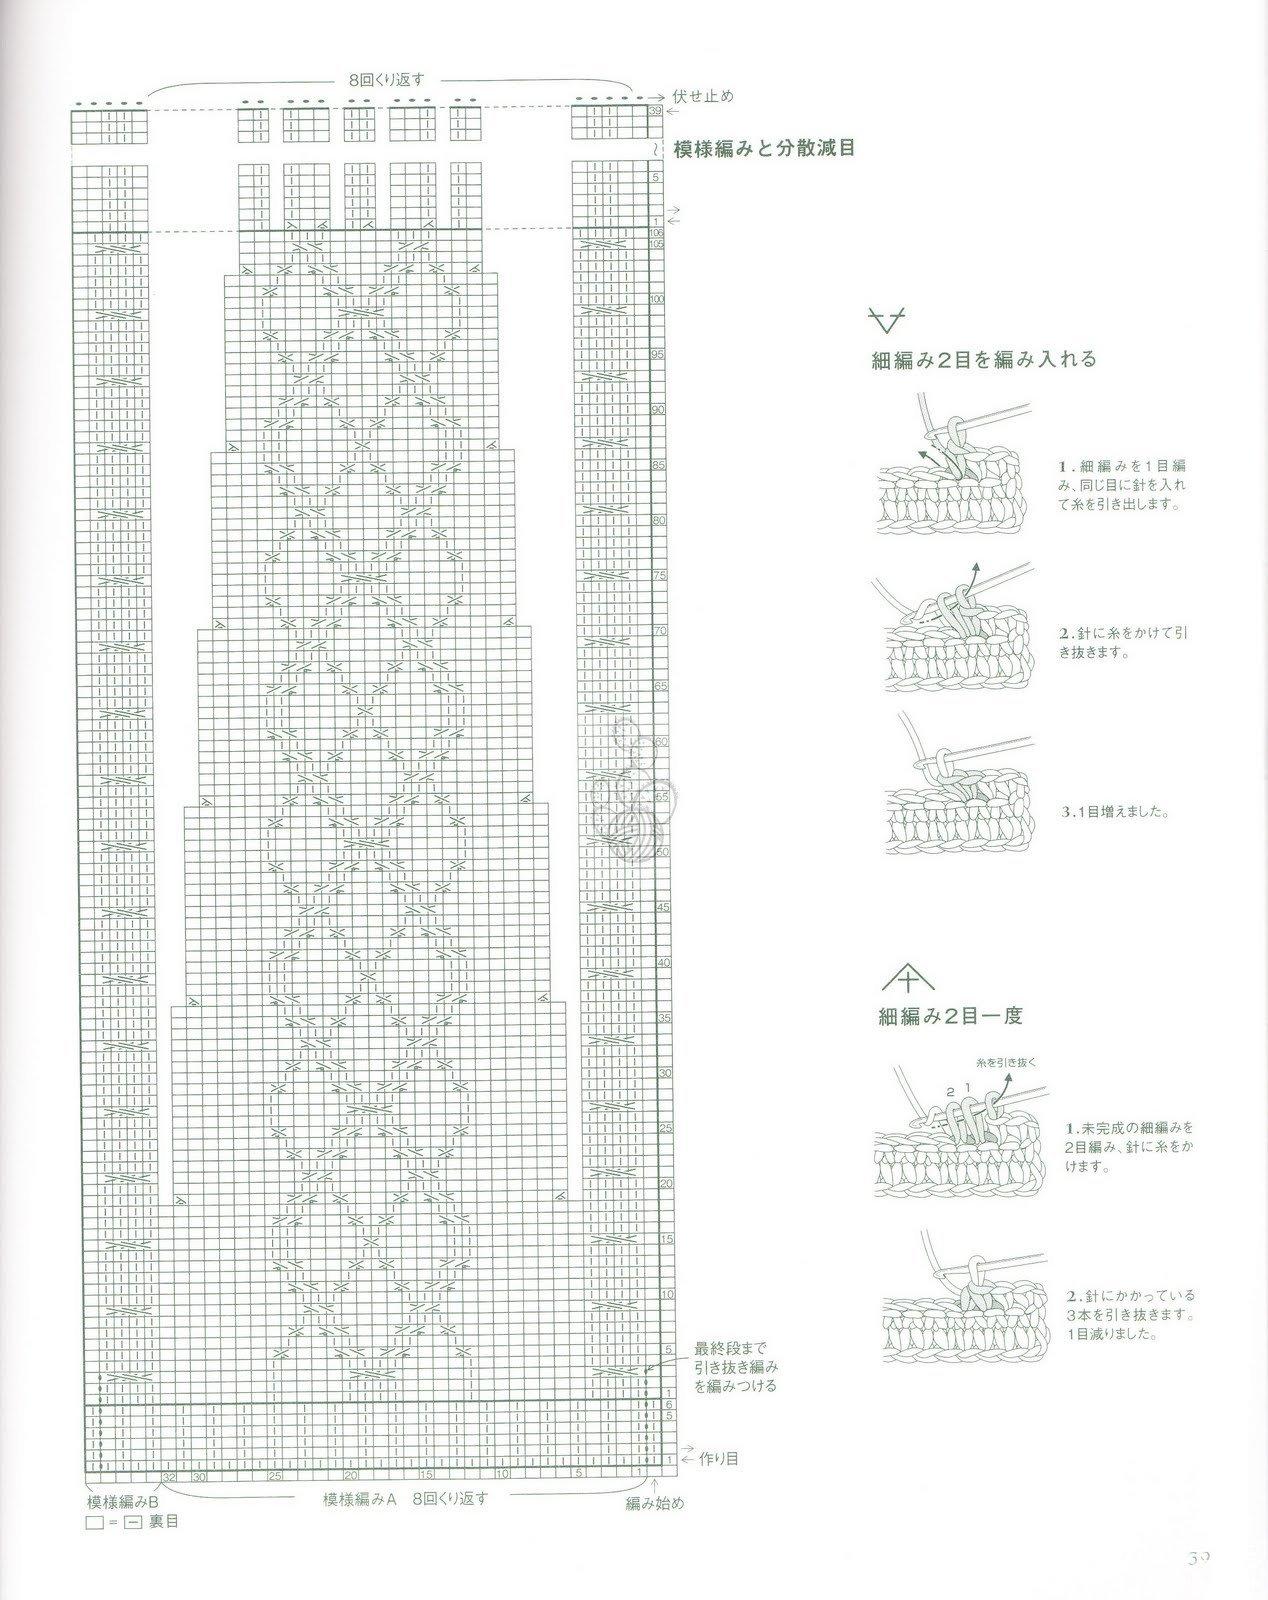 86b.jpg